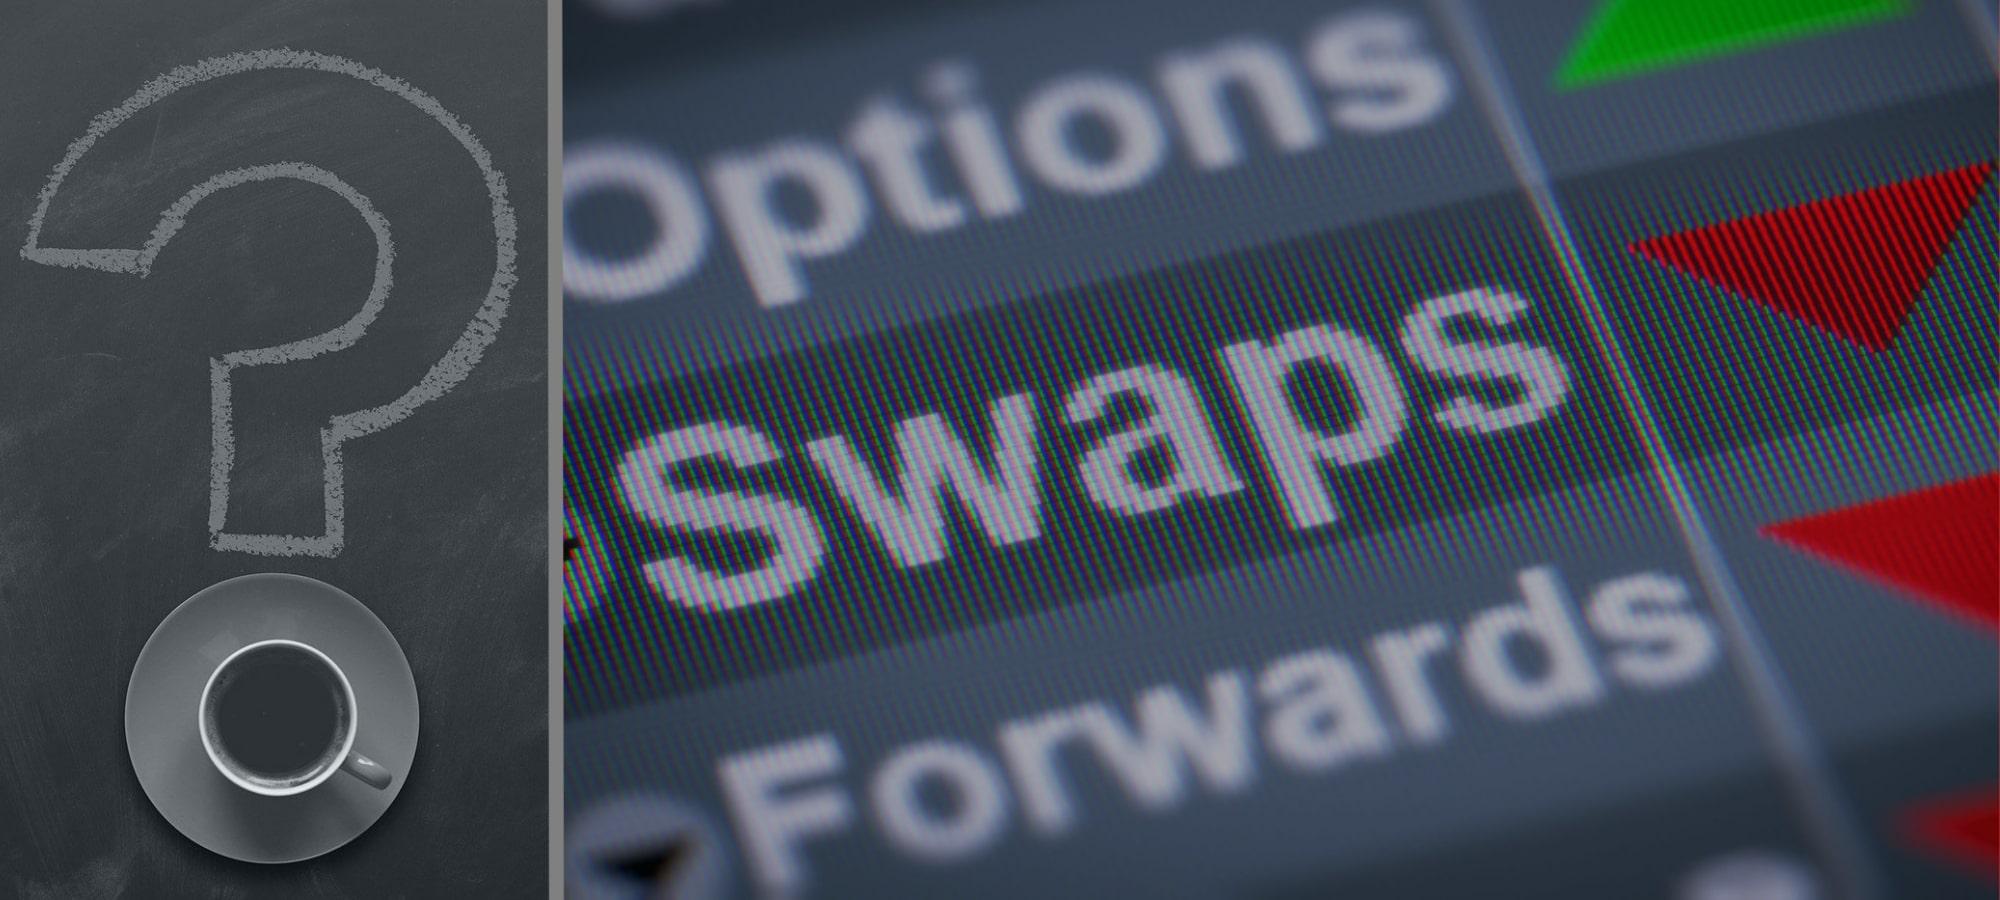 Jak inwestować w instrumenty pochodne - kompletny poradnik o kontraktach terminowych, opcjach i CDF